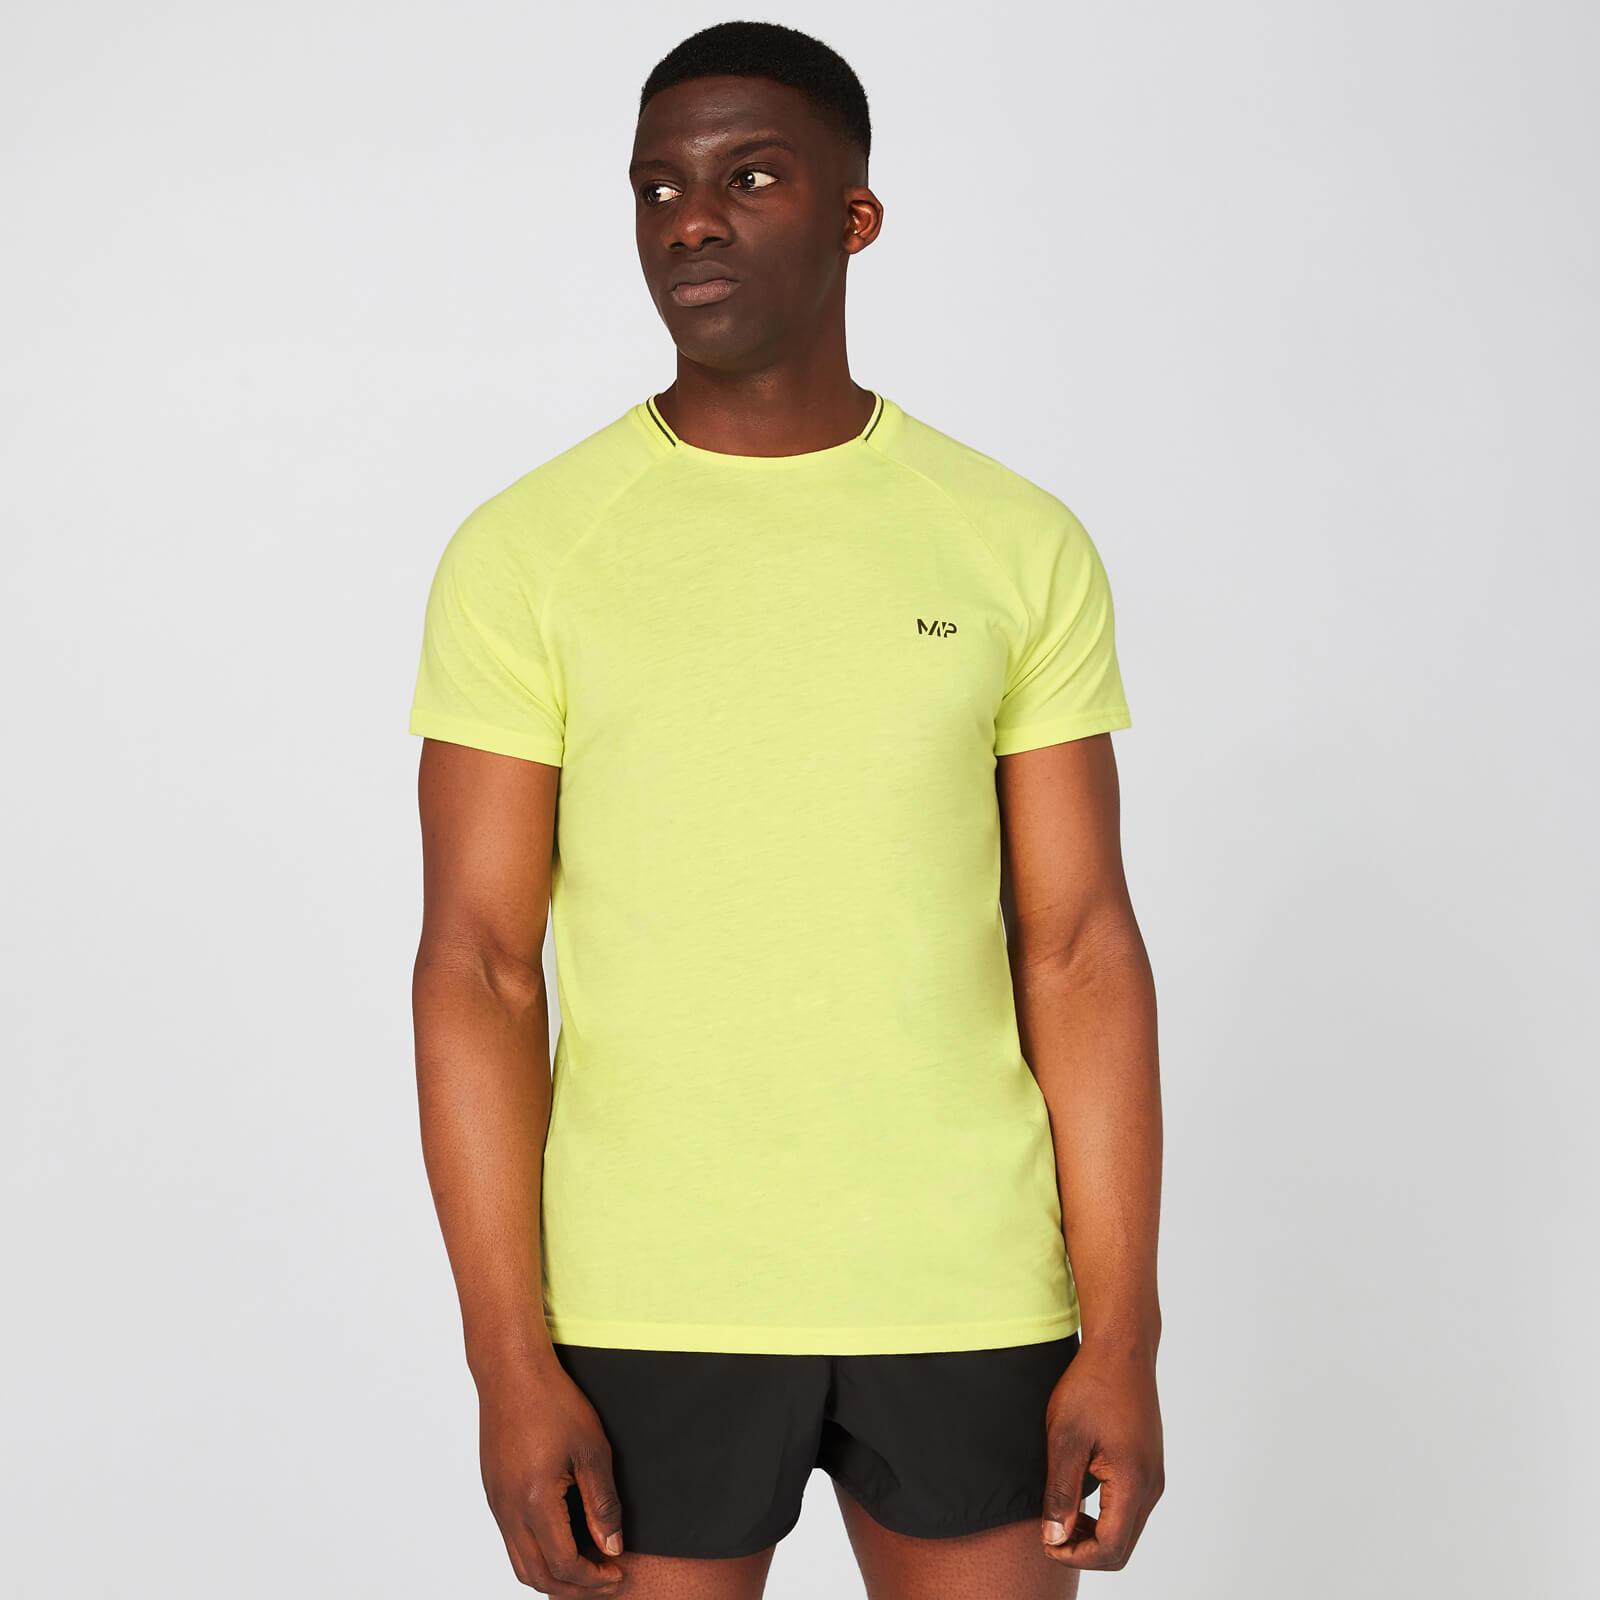 Myprotein Pace T-Shirt - Sulphur - XS